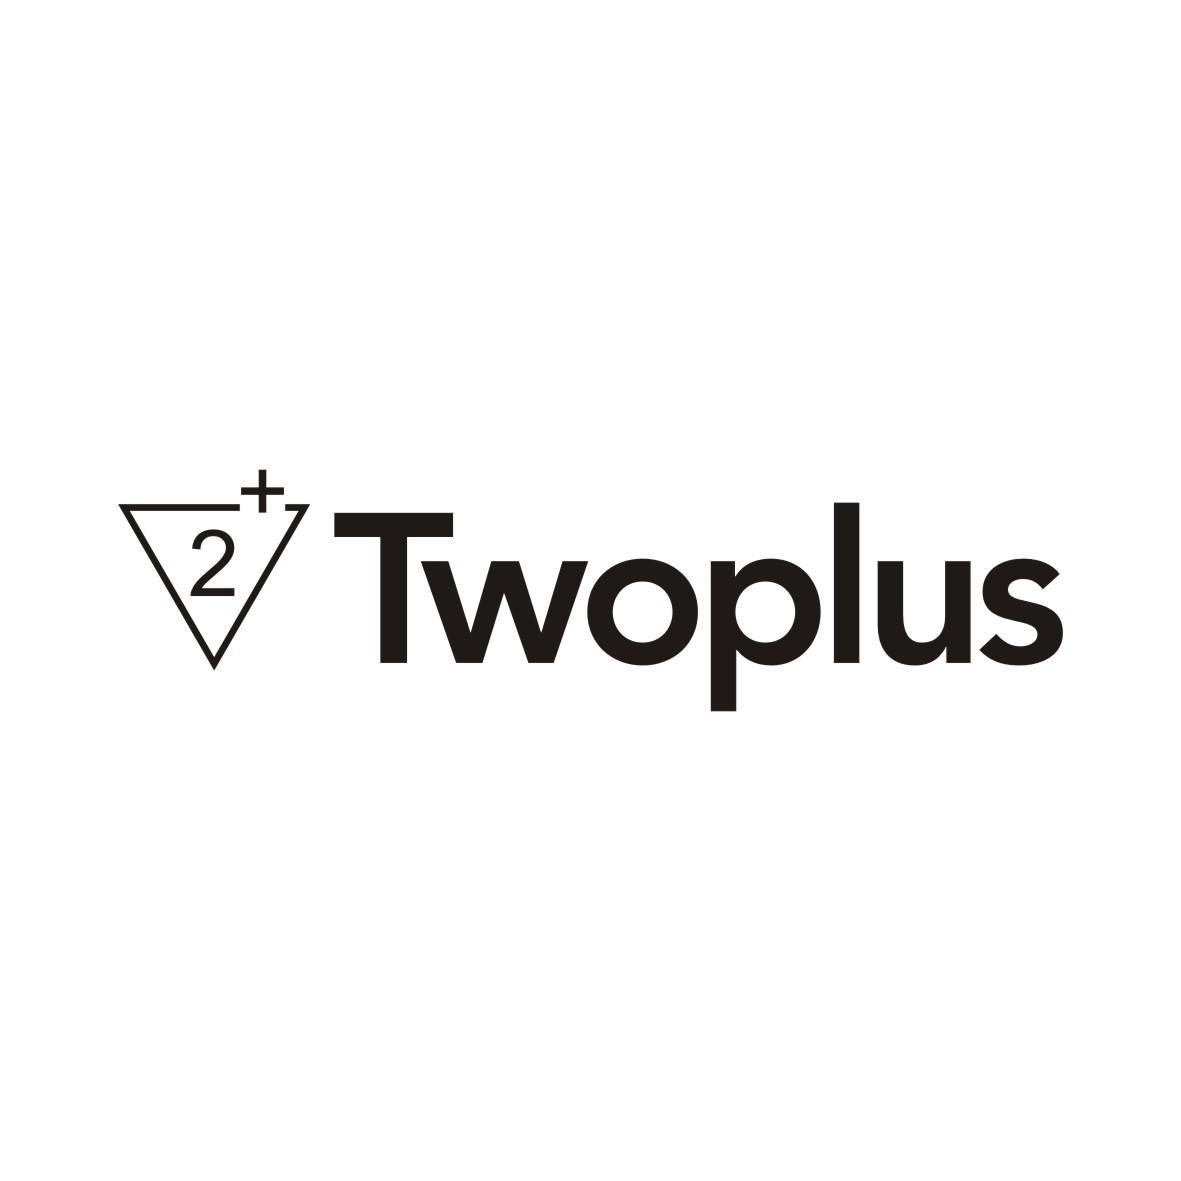 2 TWOPLUS